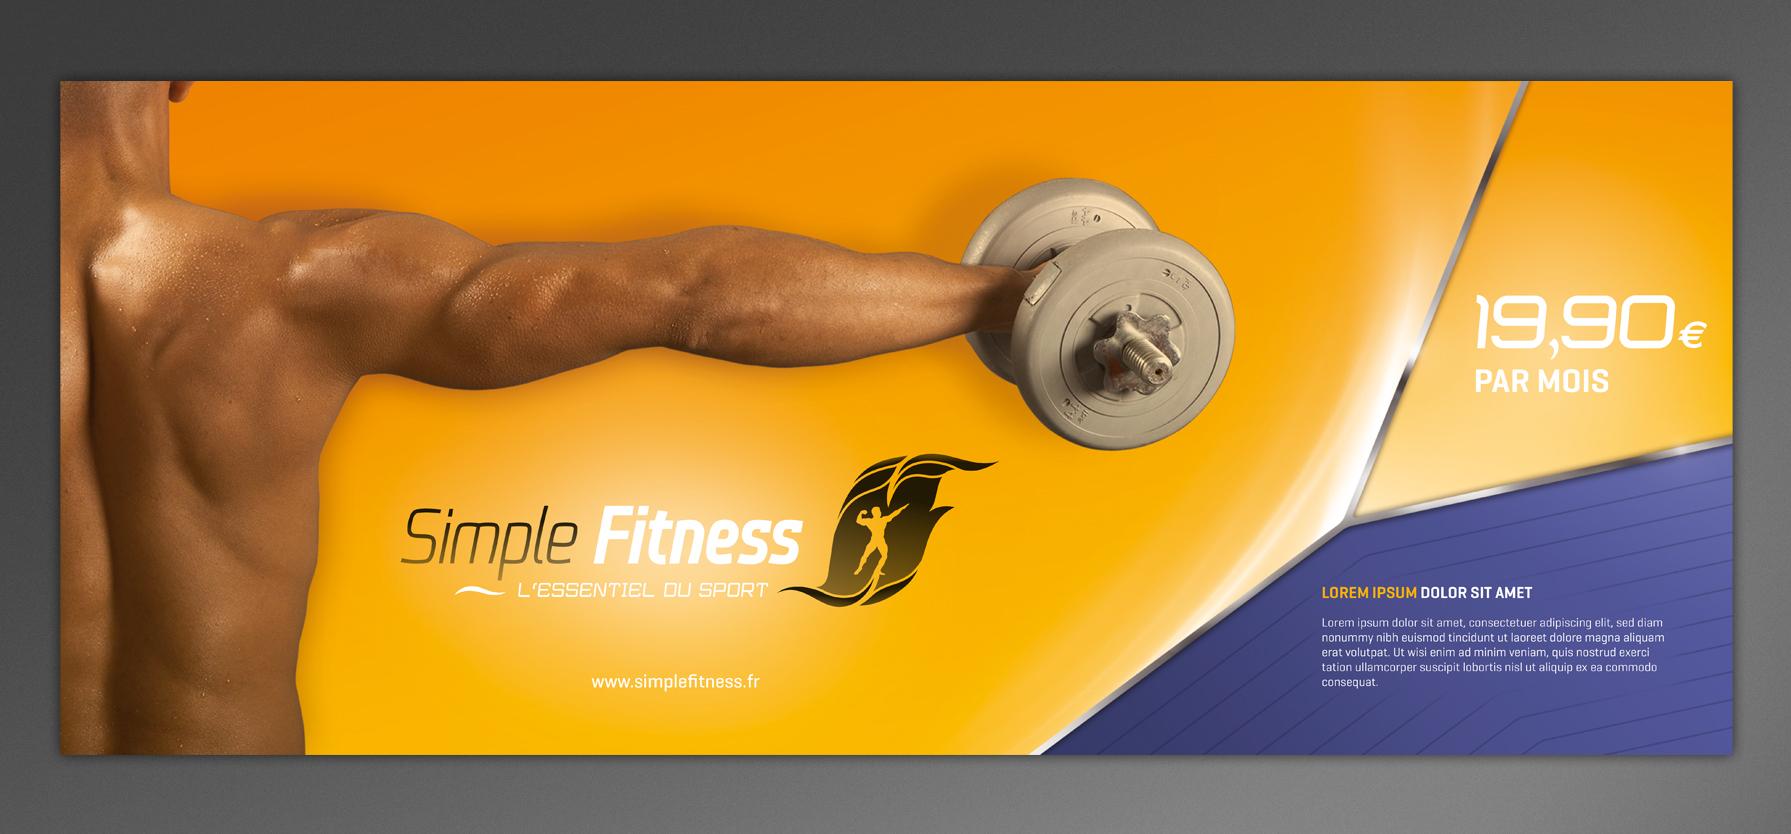 simple_fitness_identite_visuelle-05